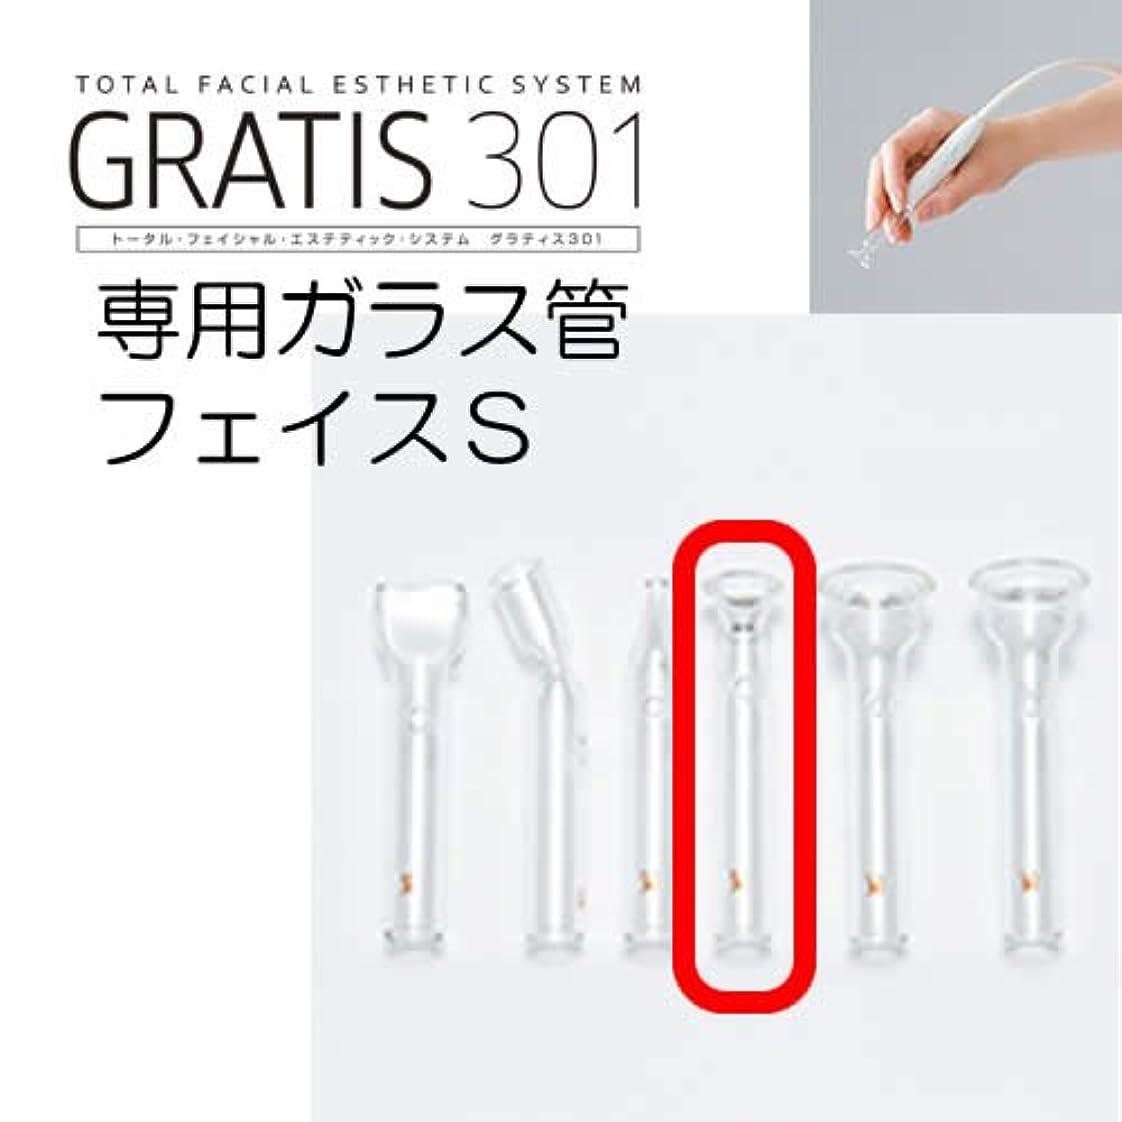 縮約魚爪GRATIS 301(グラティス301)専用ガラス管 フェイスS(2本セット)